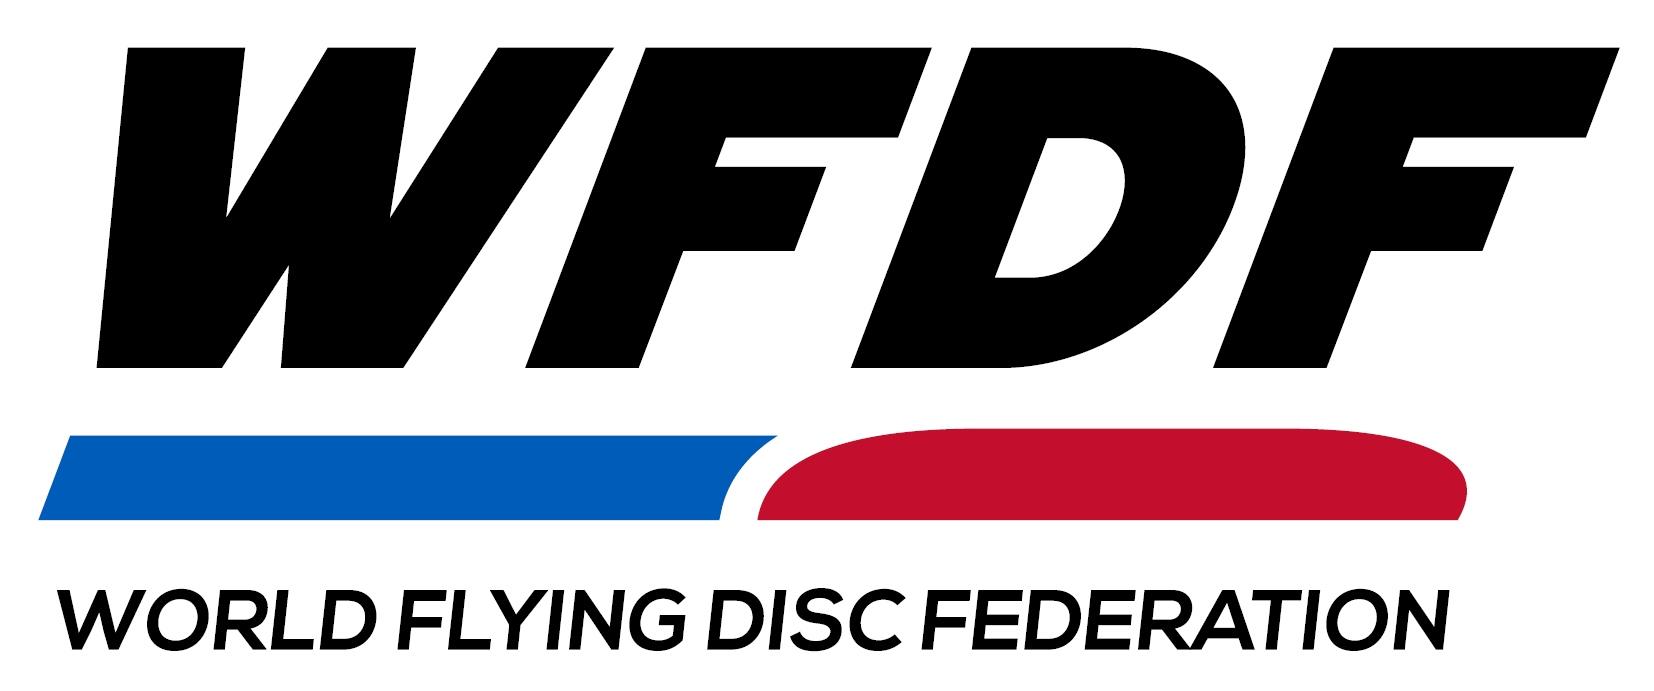 WFDF Logo